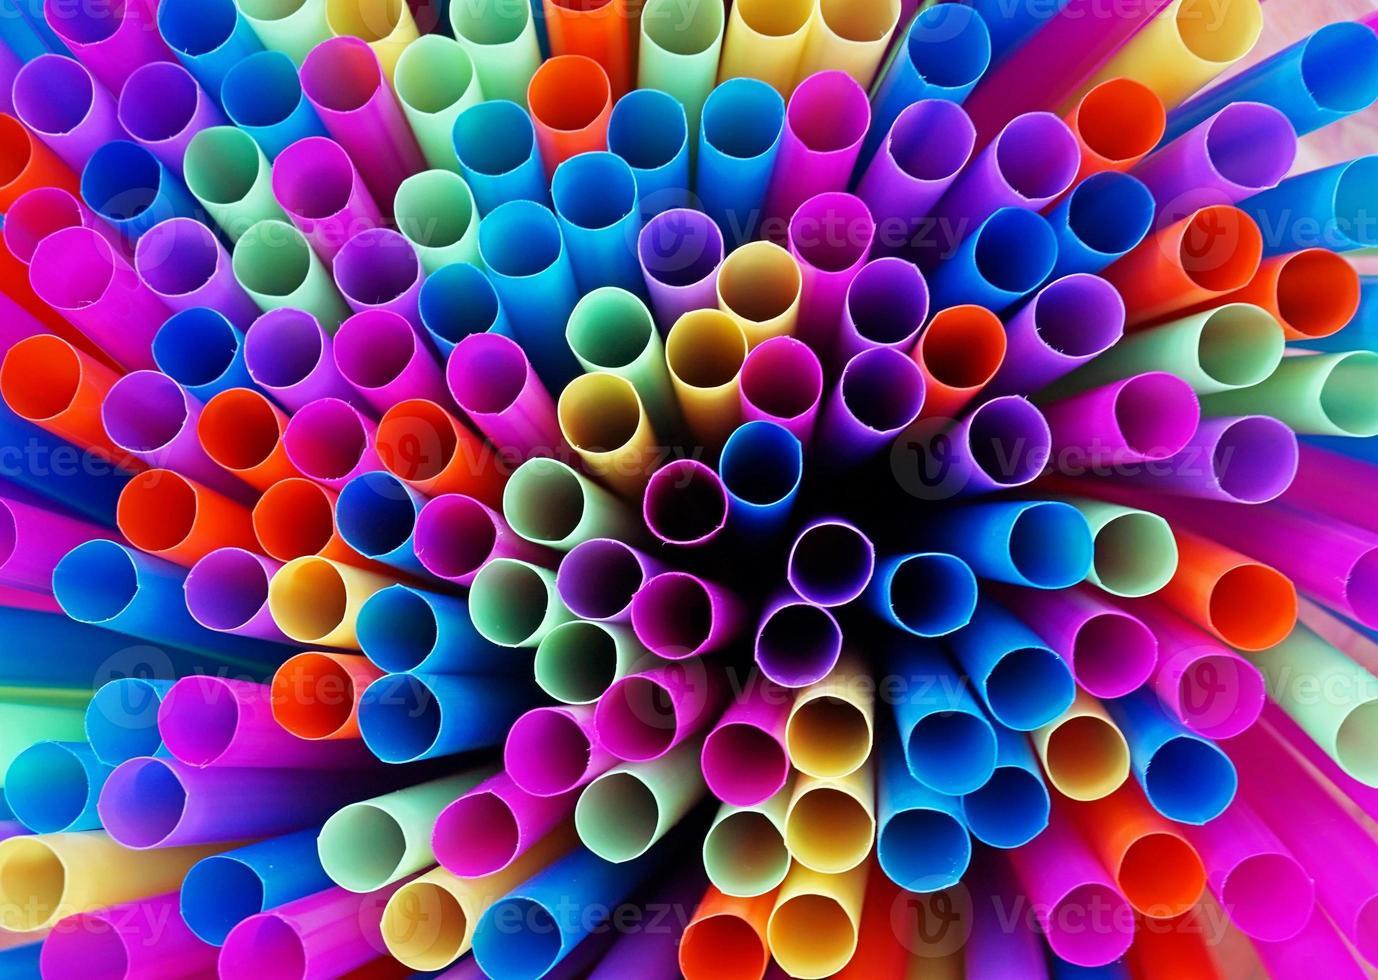 radiatore colorato da cannucce foto